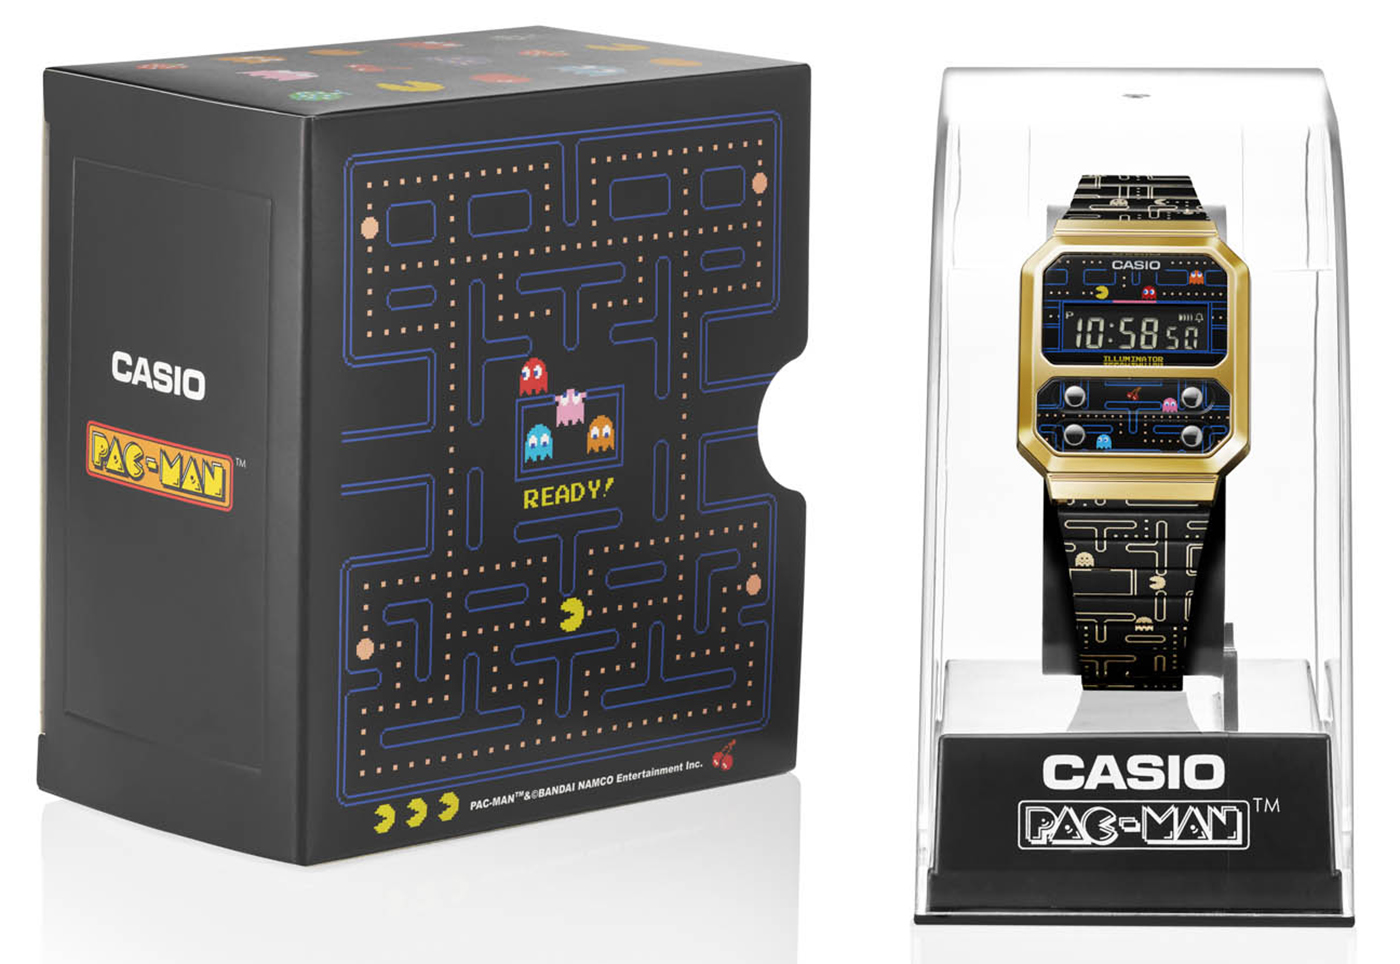 Casio представляет часы A100WEPC в сотрудничестве с PAC-MAN